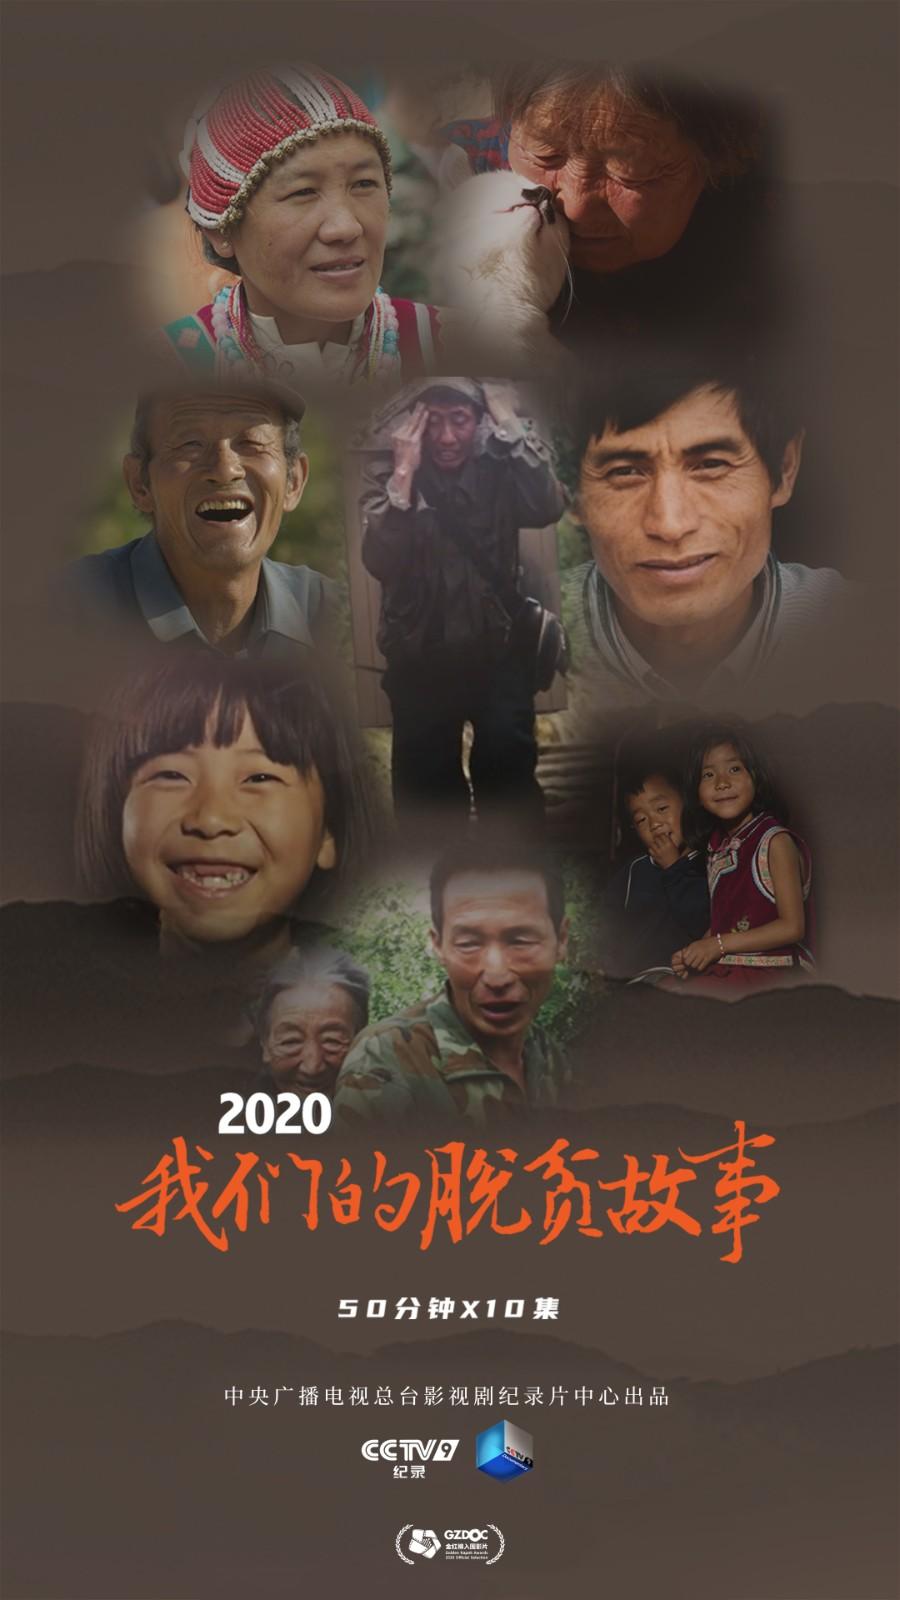 《2020 我们的脱贫故事》海报.jpg